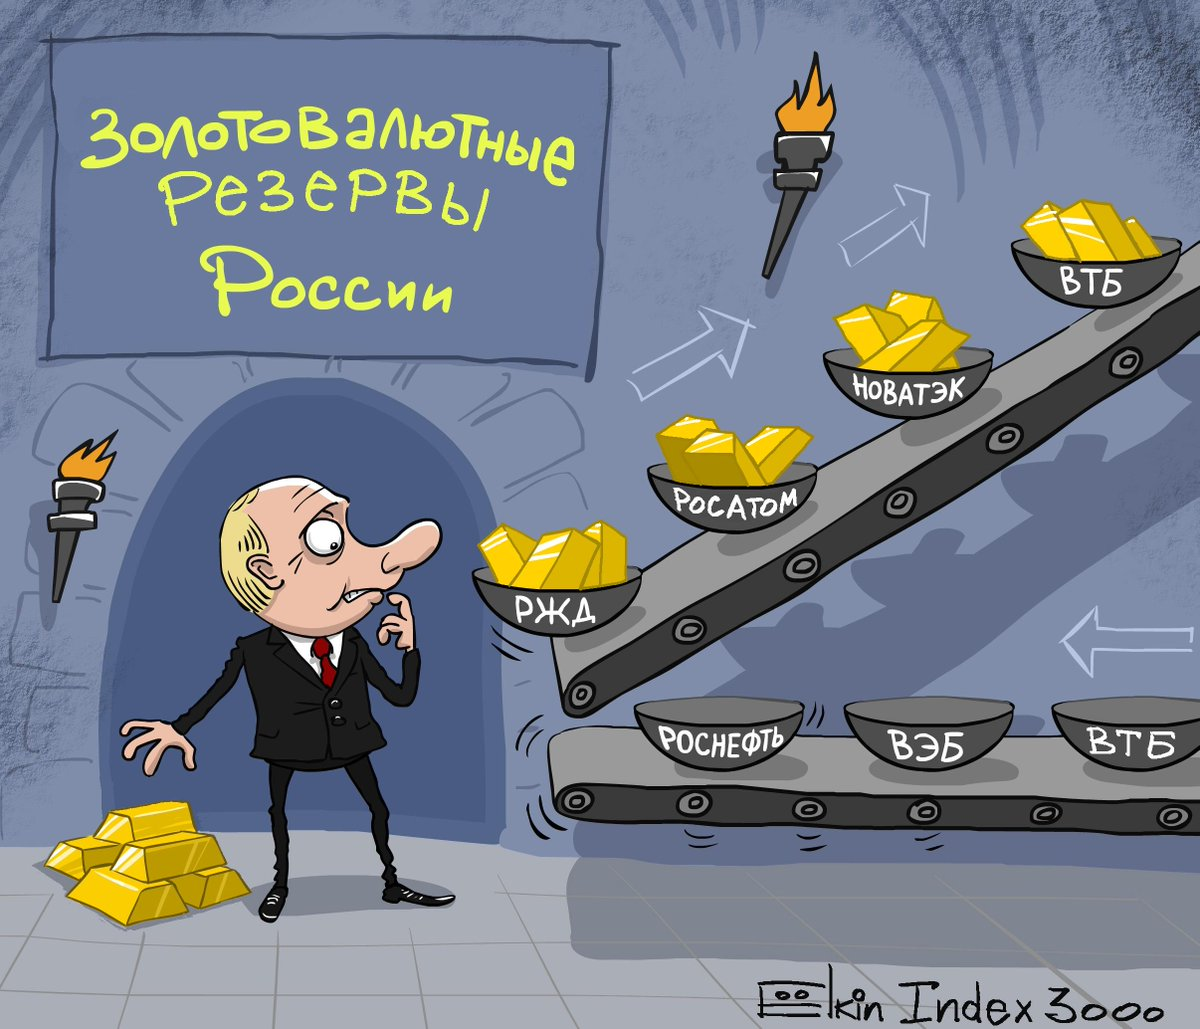 Путин обязал чиновников сдавать полученные подарки, с правом последующего выкупа - Цензор.НЕТ 8841